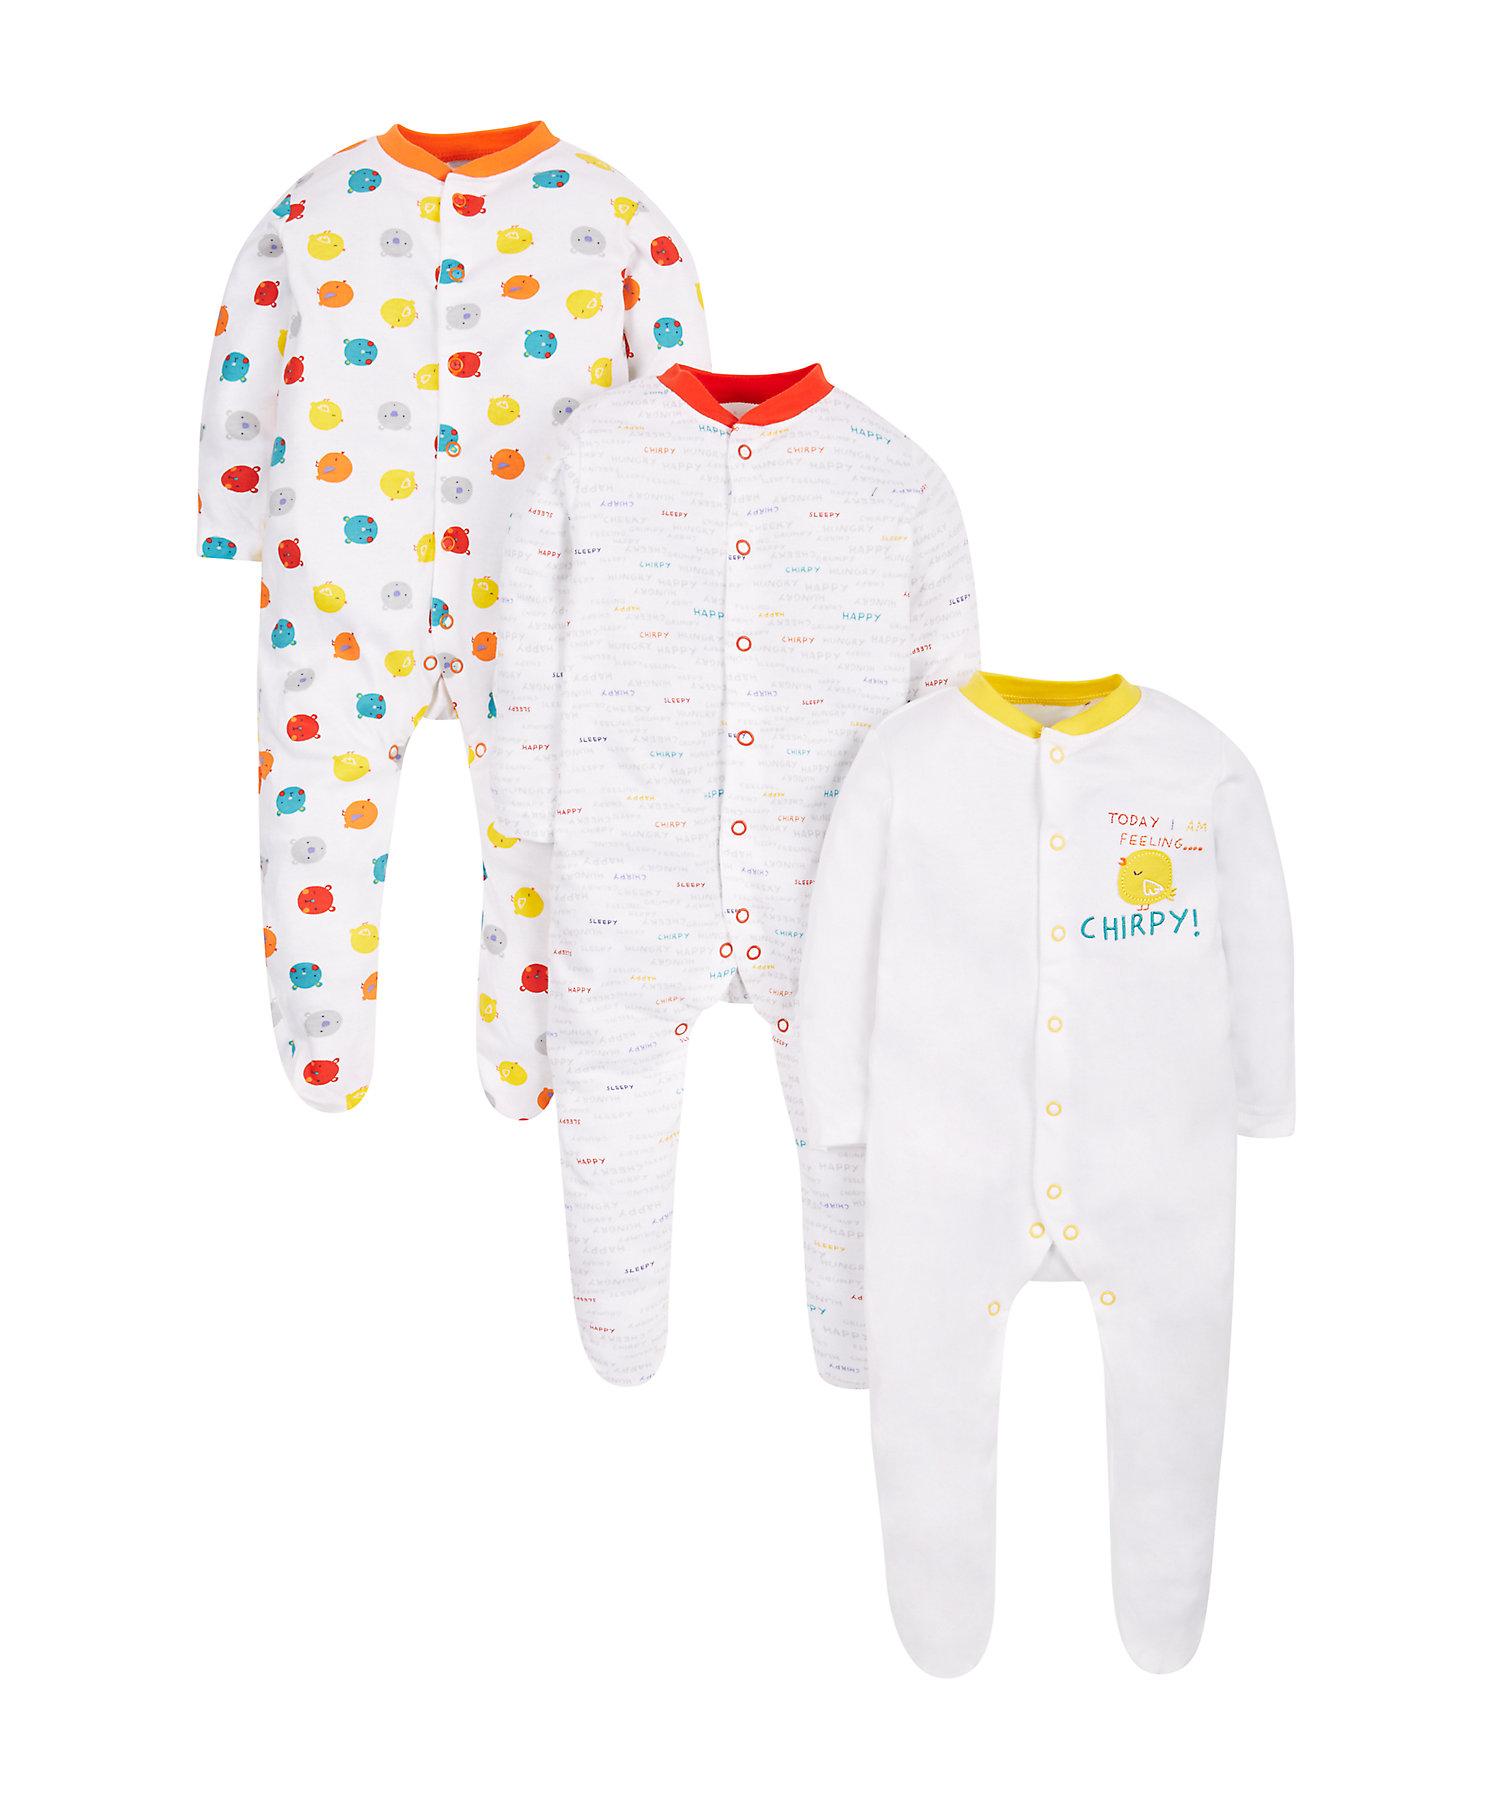 Mothercare | Unisex Full Sleeves Sleepsuit Bird Print - Pack Of 3 - White